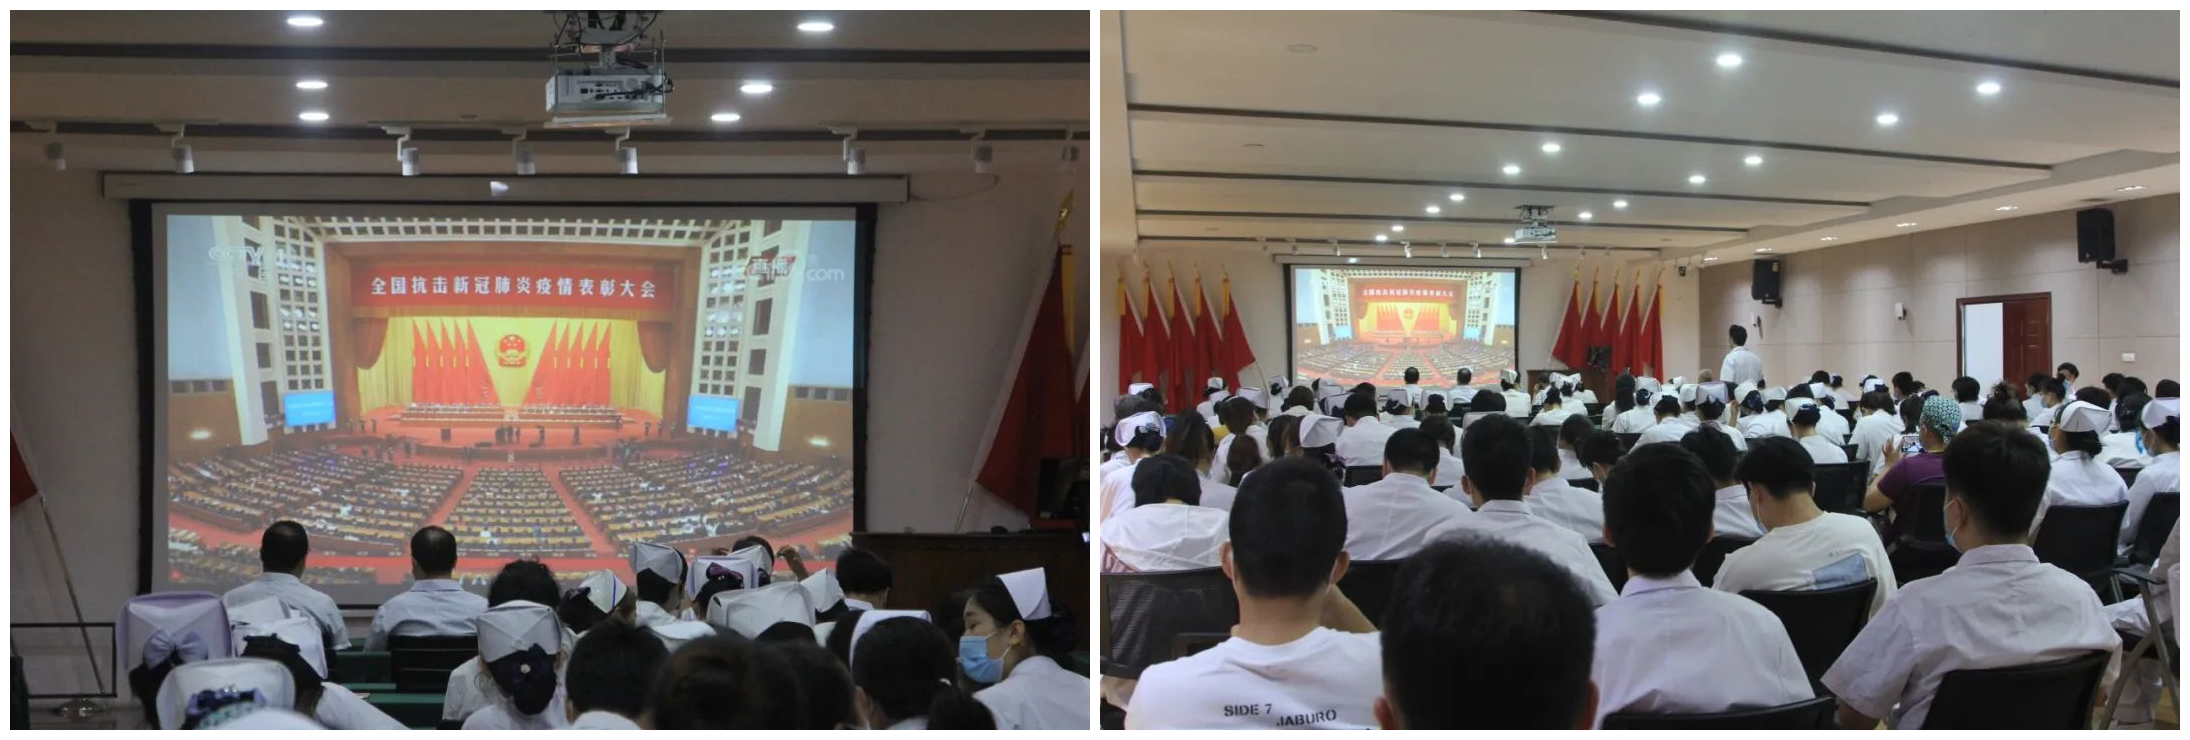 人民至上、生命至上│京东誉美医院医护人员组织学习观看《全国抗击新冠肺炎疫情表彰大会》